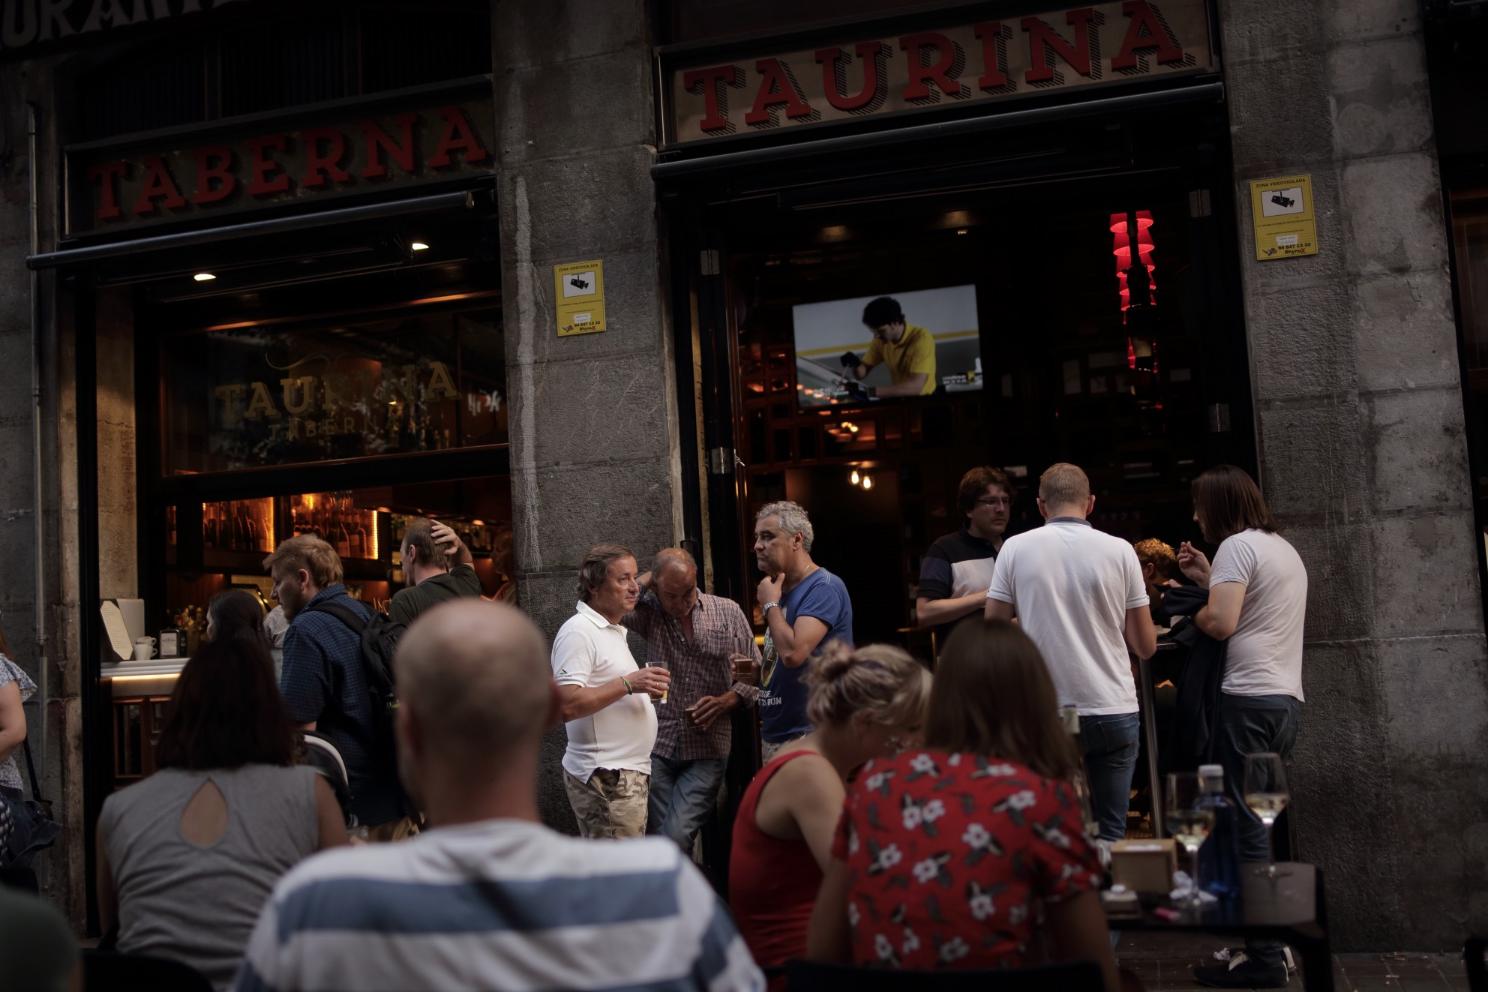 Taberna Taurina su Calle Ledesma, ManueleGeromini©️